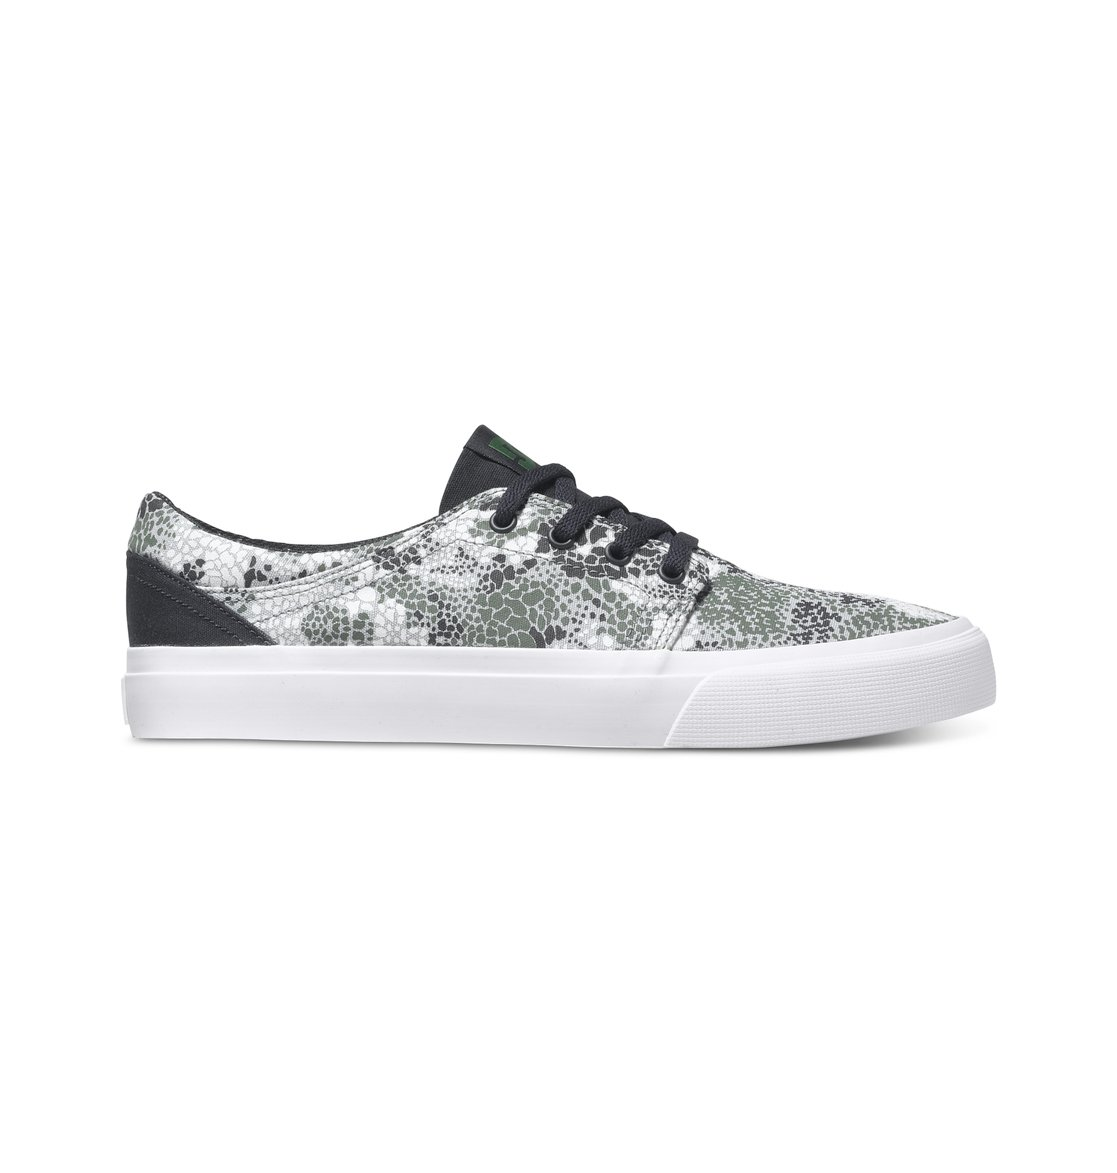 Trase X DPM от DC Shoes